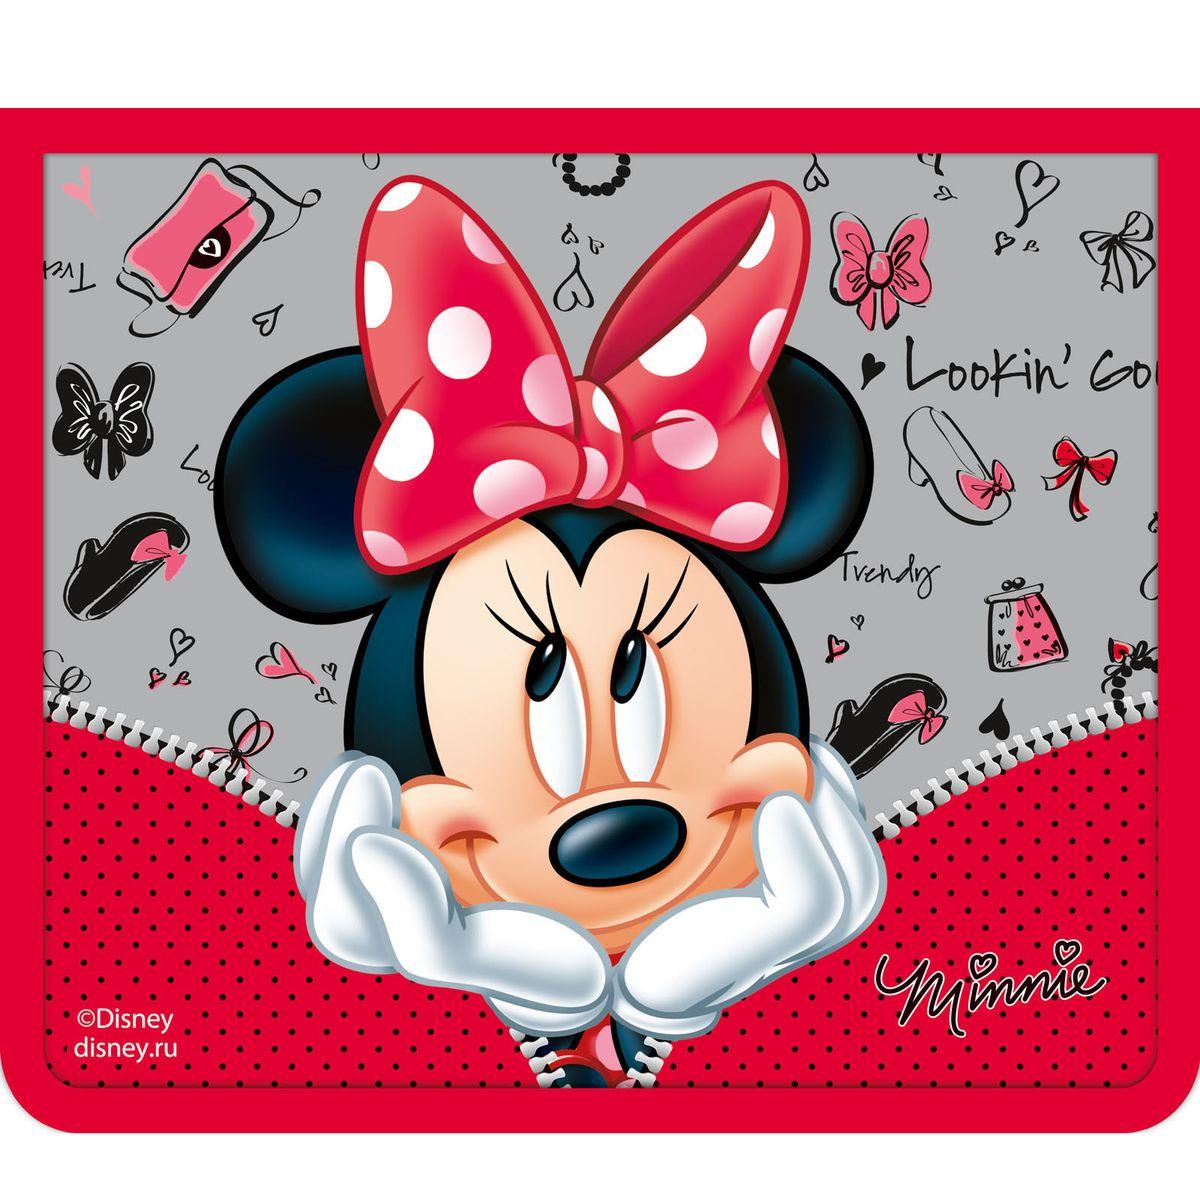 Disney Папка для тетрадей Минни цвет красный серый формат А529389Папка Disney Минни формата А5 - это оптимальный способ уберечь от деформации тетради, документы, рисунки и прочие бумаги. С ней можно забыть о погнутых уголках и краях. Кроме того, теперь все необходимые бумаги и тетради будут аккуратно собраны, а не распределены по разным местам, что сократит время их поиска. Аксессуар, изготовленный из ламинированного картона с ярким принтом, ПВХ и полиэстера, закрывается на молнию. Одна стенка папки прозрачна, что позволяет видеть содержимое в ней и быстрее отыскать нужный предмет. Безукоризненный стиль Минни Маус восхищает девочек по всему миру, поэтому никакая юная модница не устоит перед красивым и удобным аксессуаром с ее изображением.